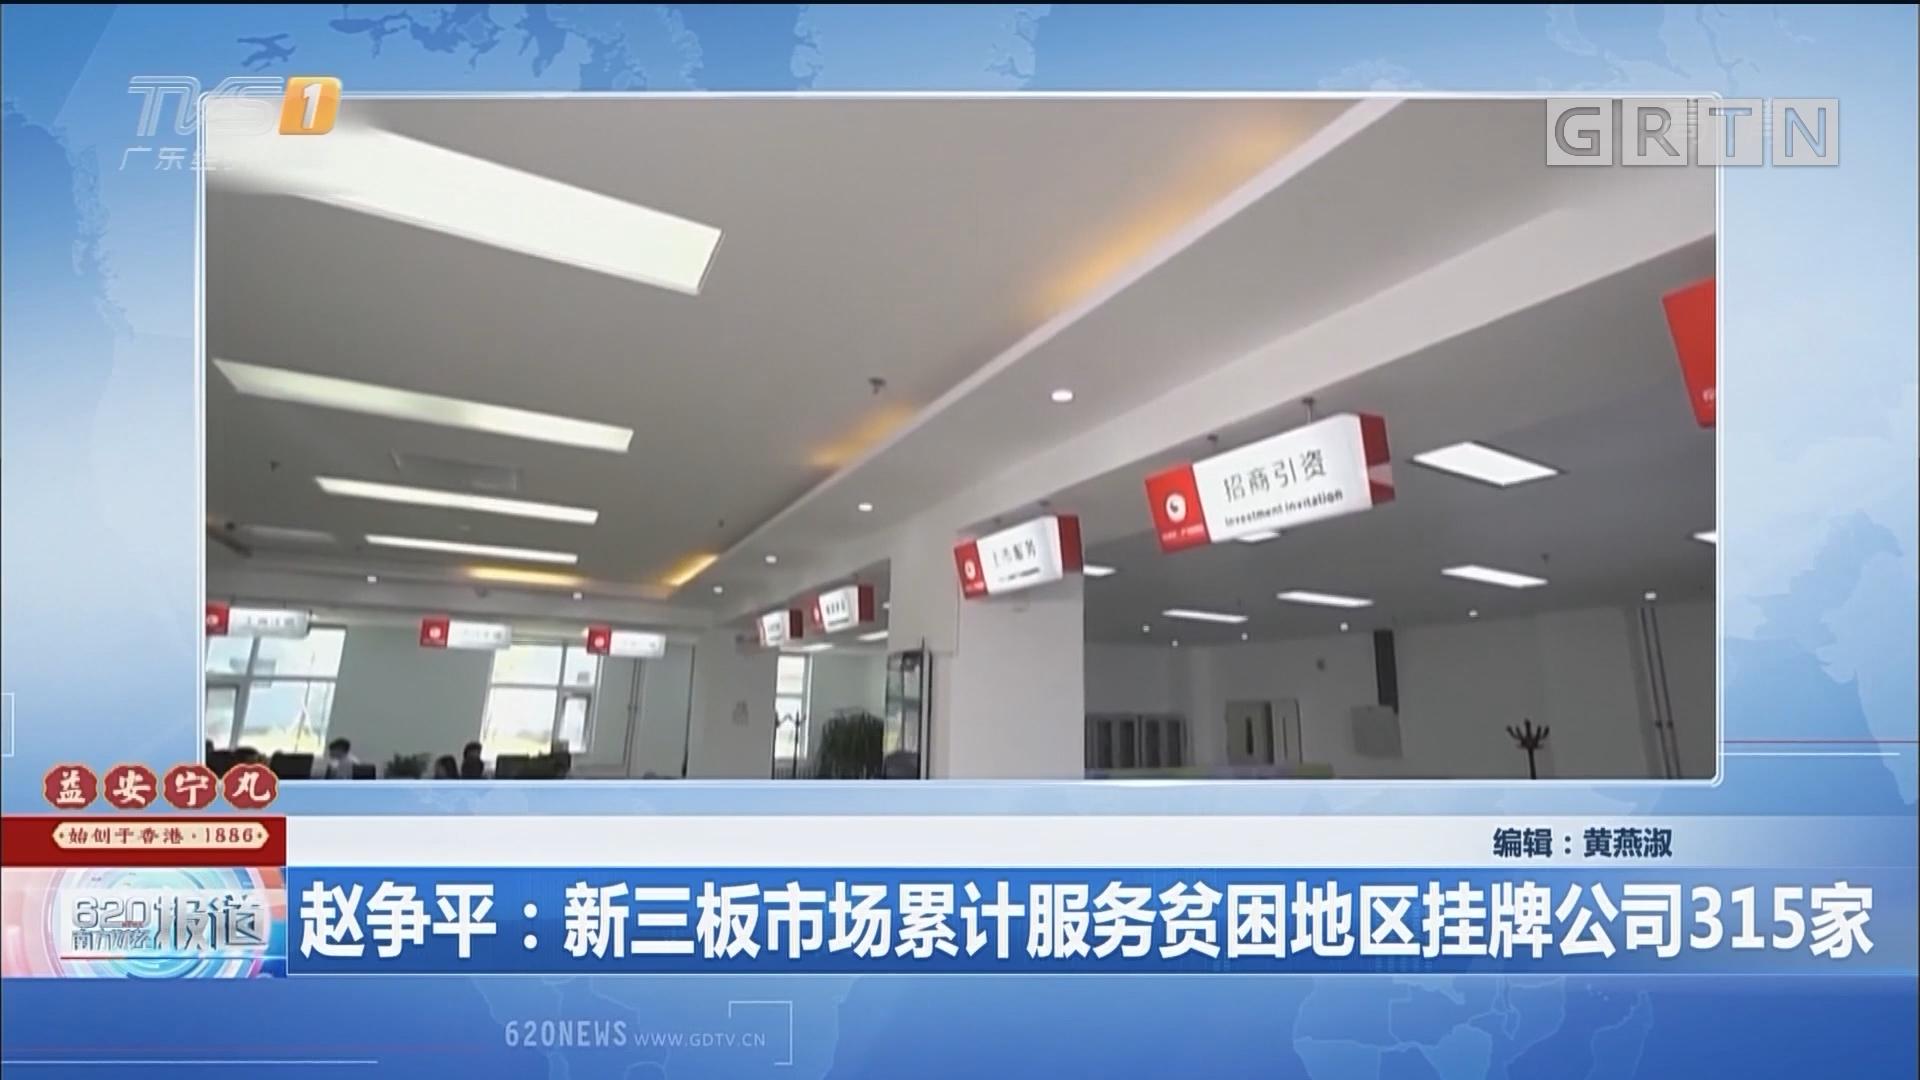 赵争平:新三板市场累计服务贫困地区挂牌公司315家